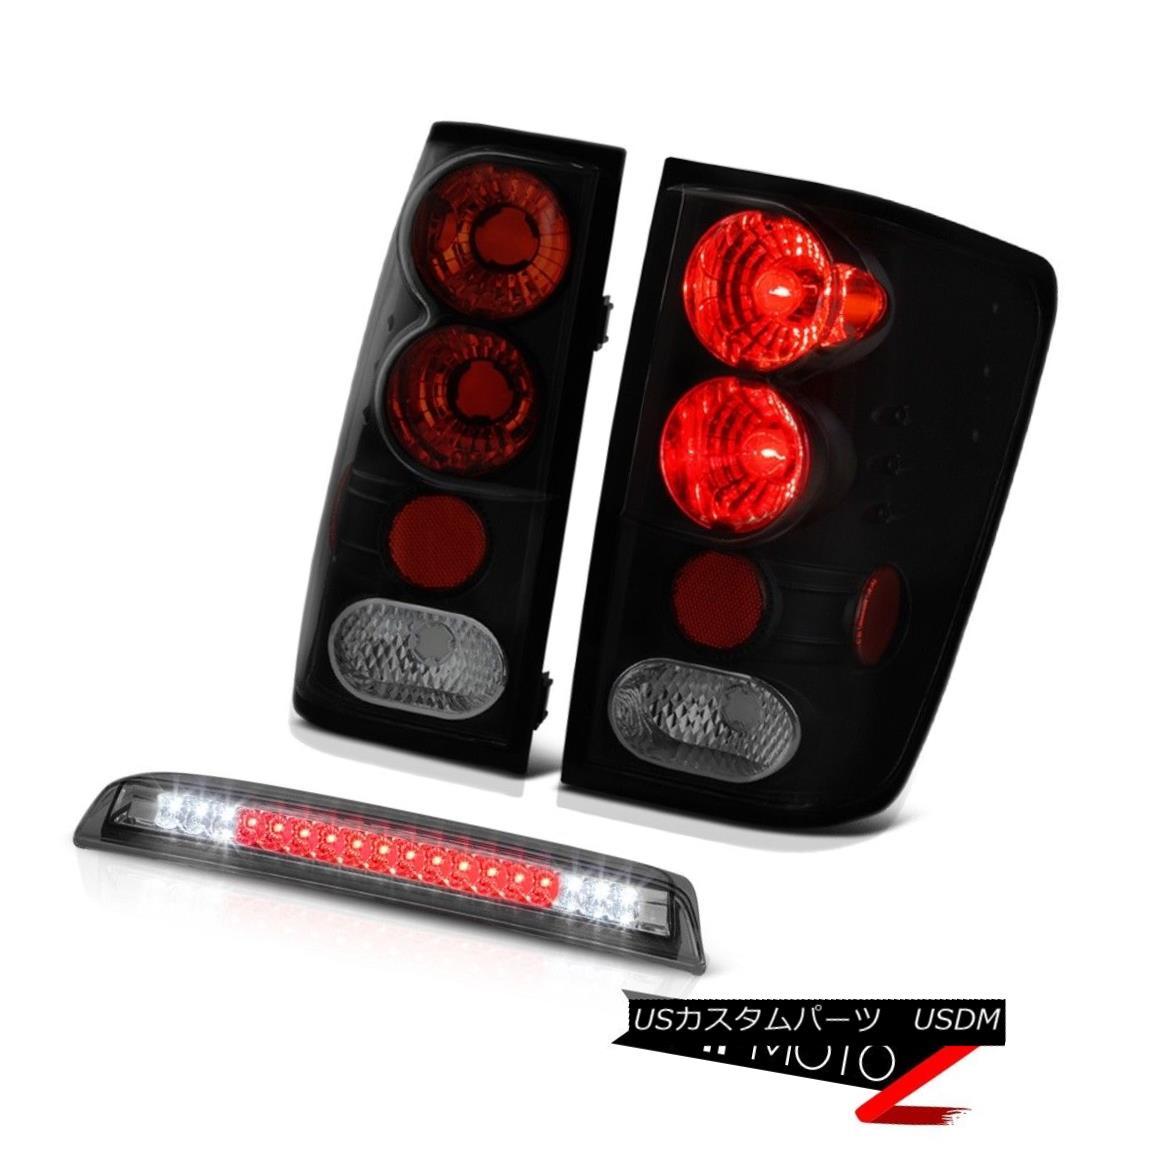 テールライト For 2004-2015 Titan SL NEW Sinister Black Smoke Tail Light Third Brake LED SMD 2004年?2015年Titan SL NEW Sinisterブラックスモークテールライト第3ブレーキLED SMD